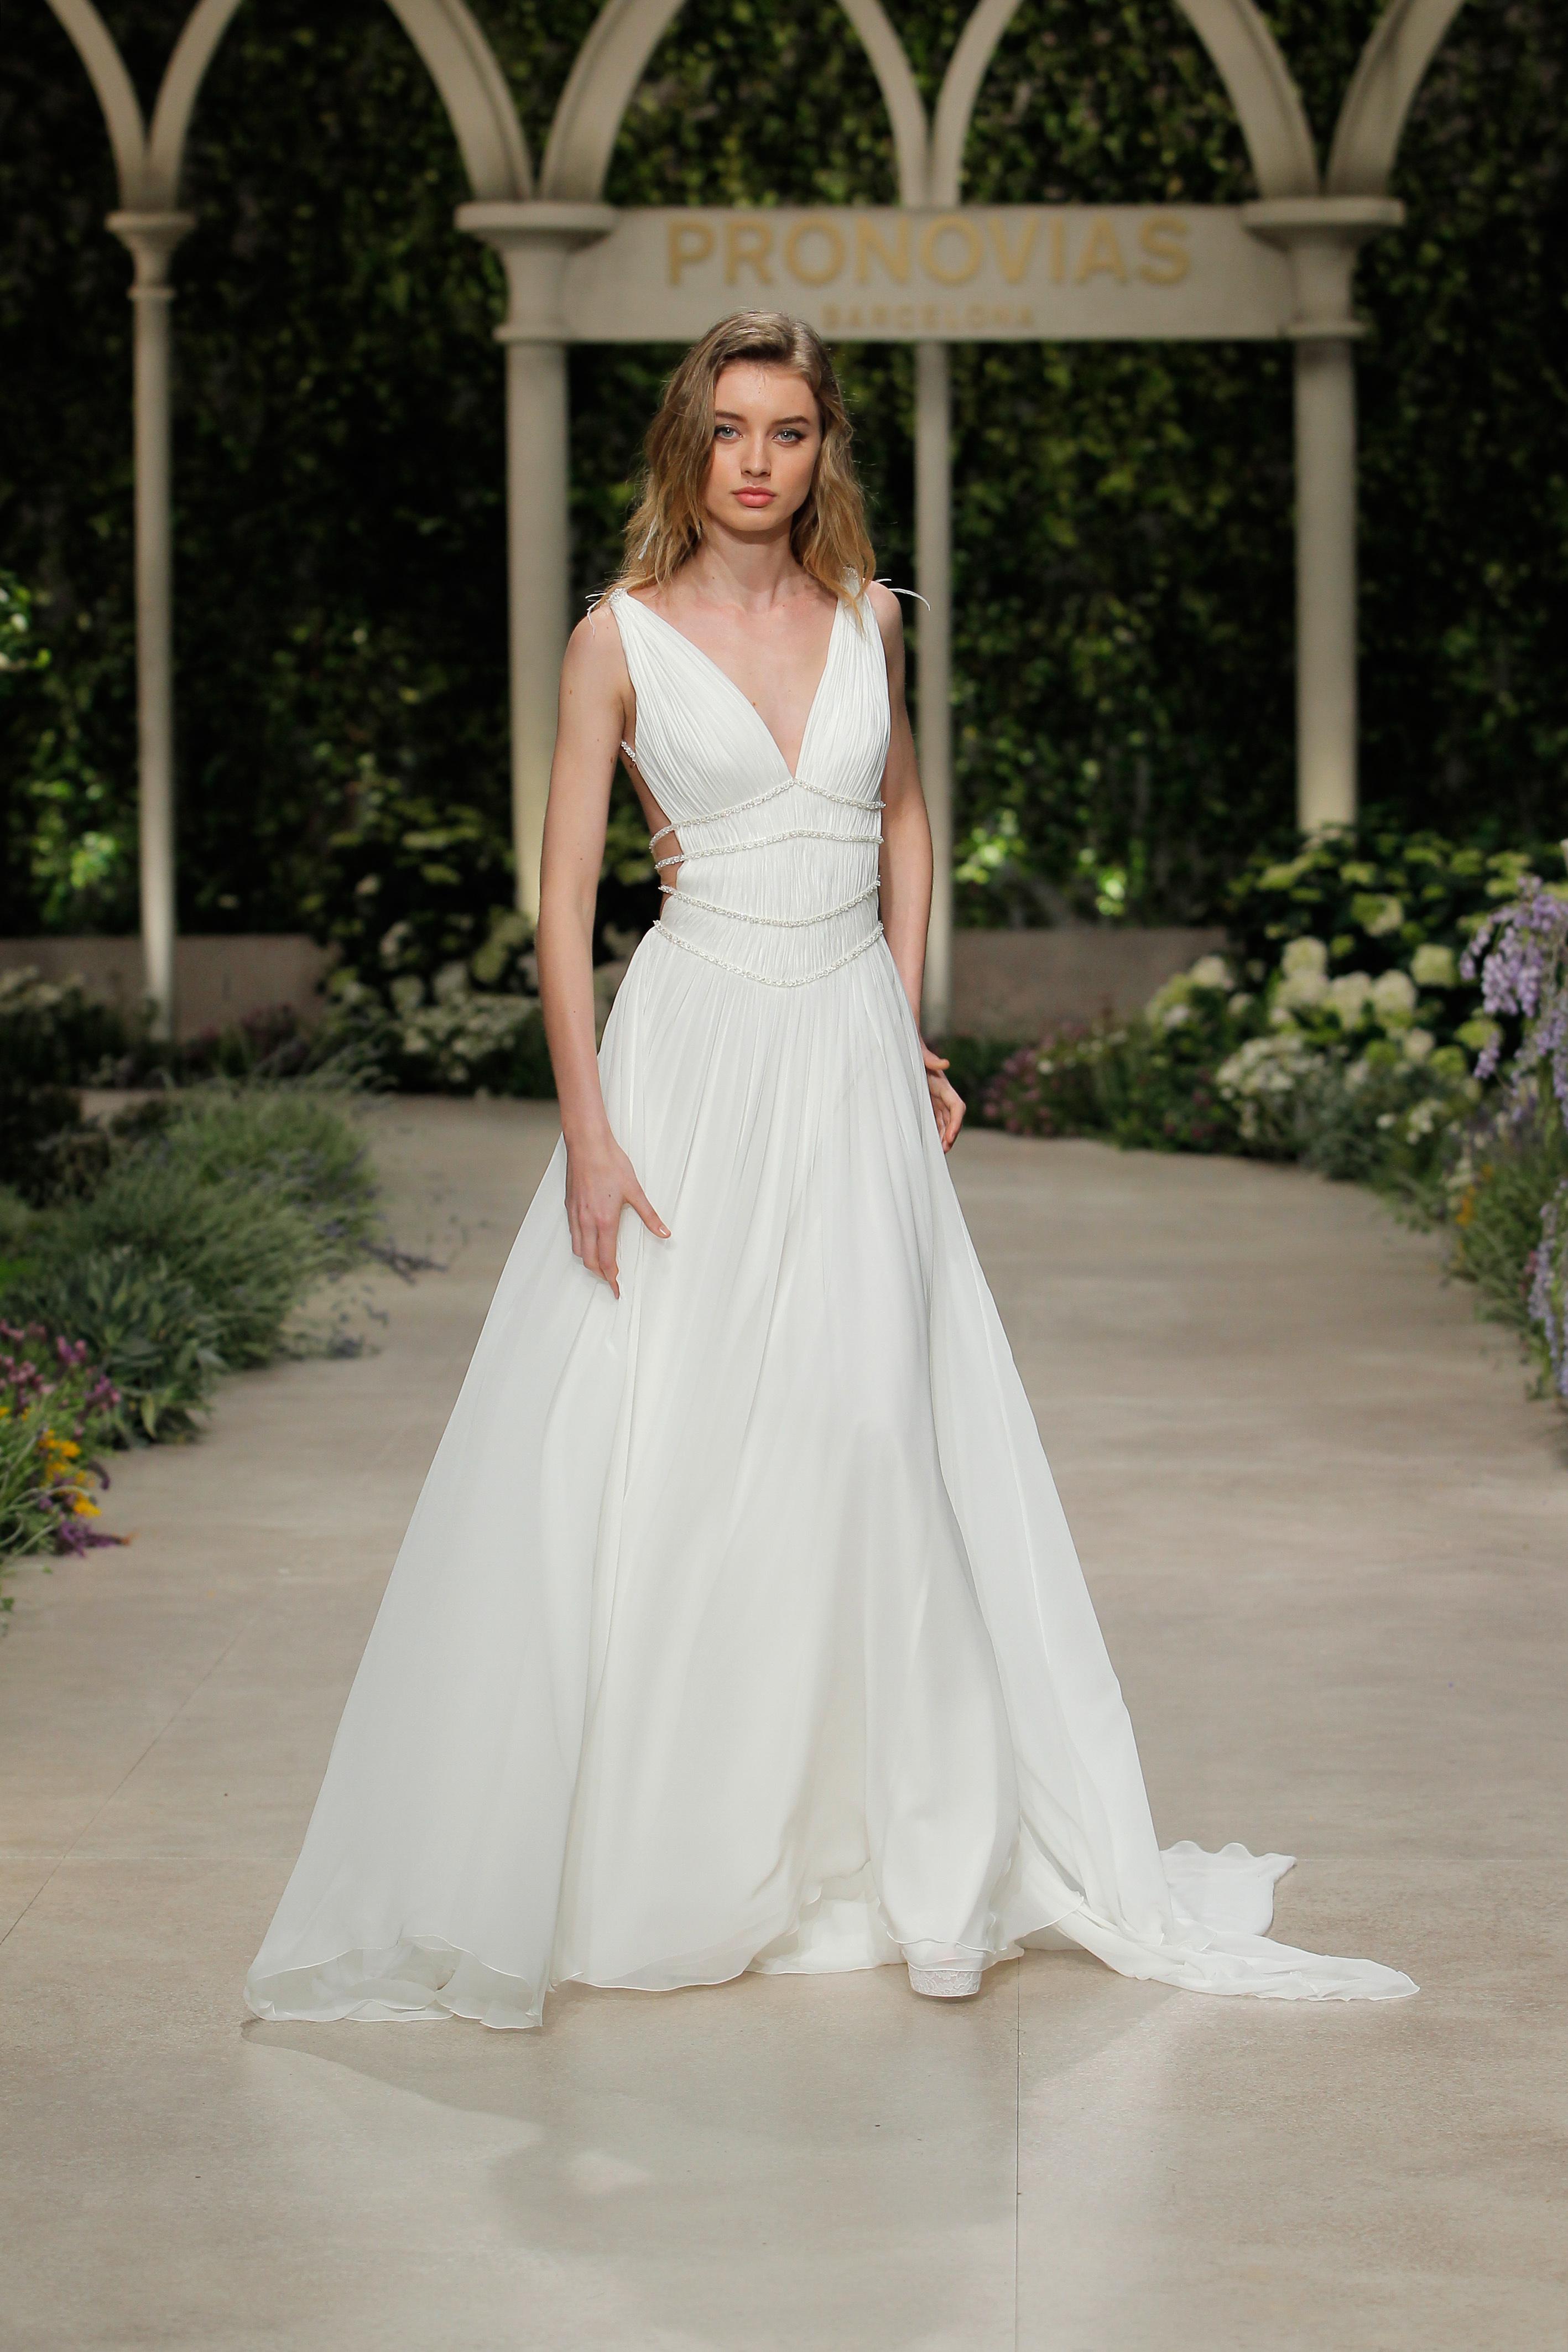 pronovias wedding dress spring 2019 a-line v-neck